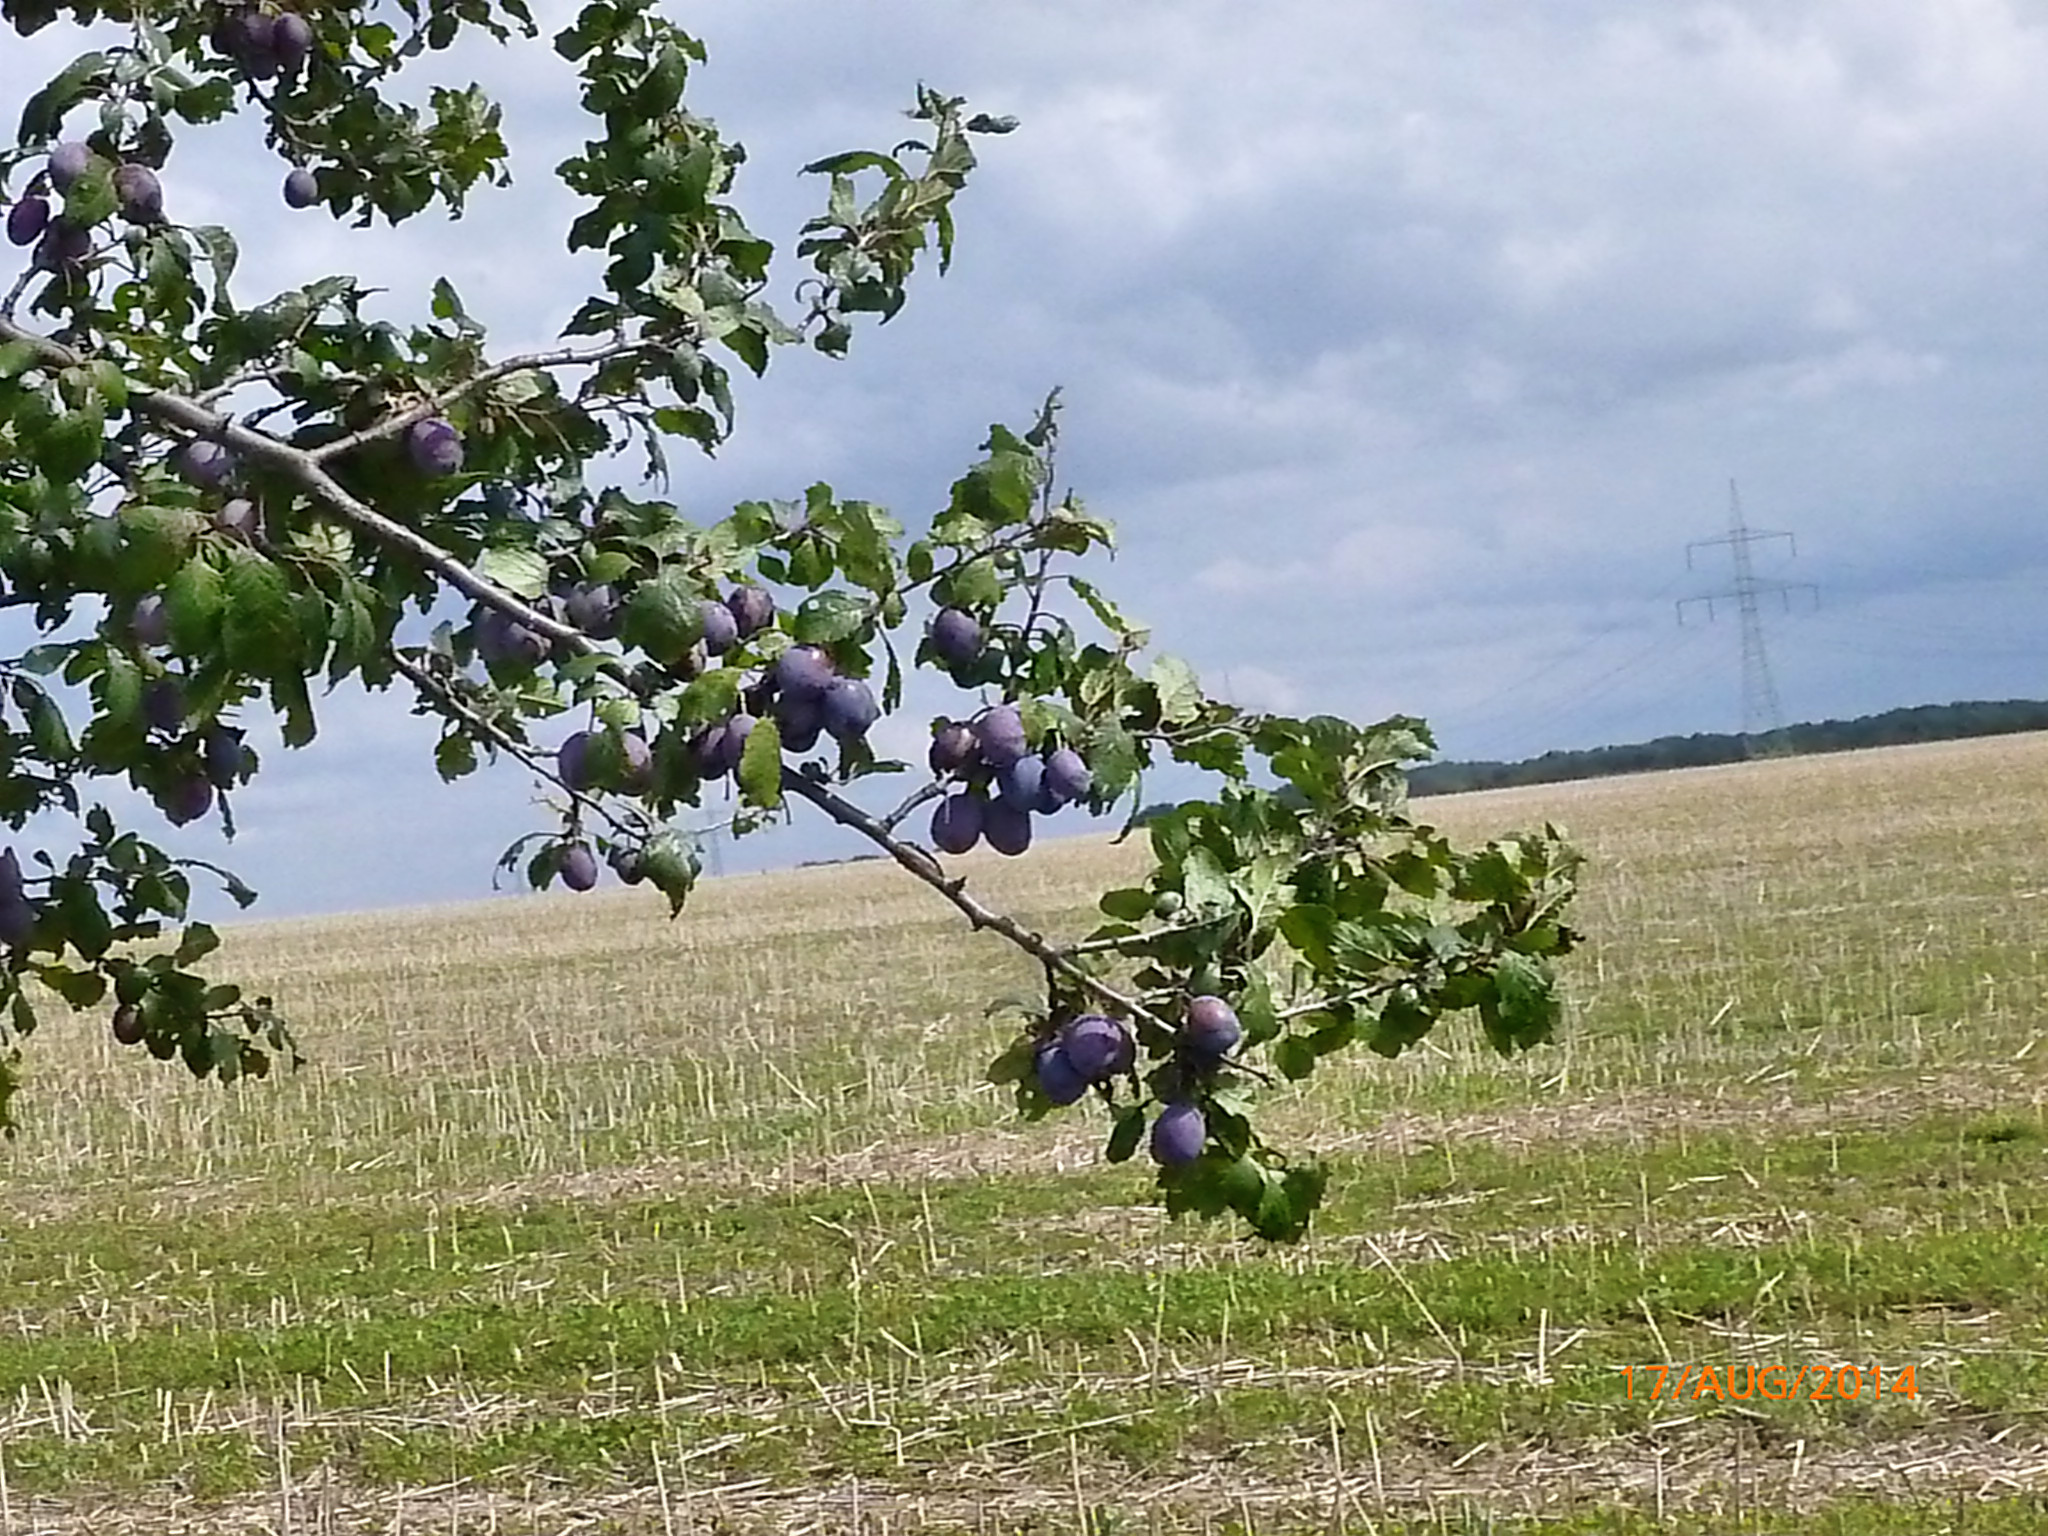 Obst vom Wegesrand-17.8.14   (6)